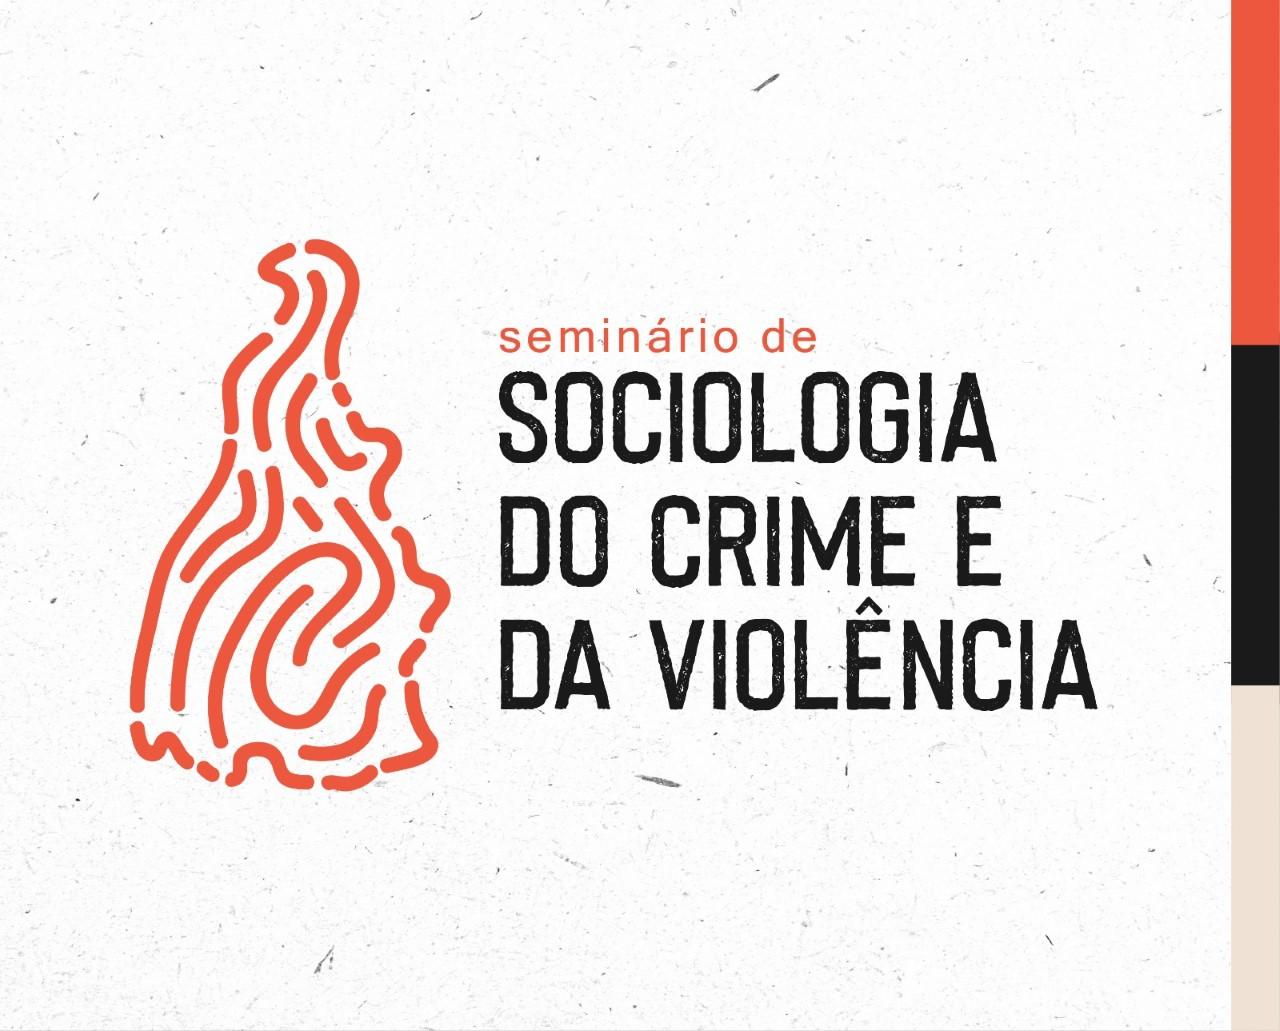 Polícia Militar promove Seminário de Sociologia do Crime e da Violência no dia 23 em Palmas